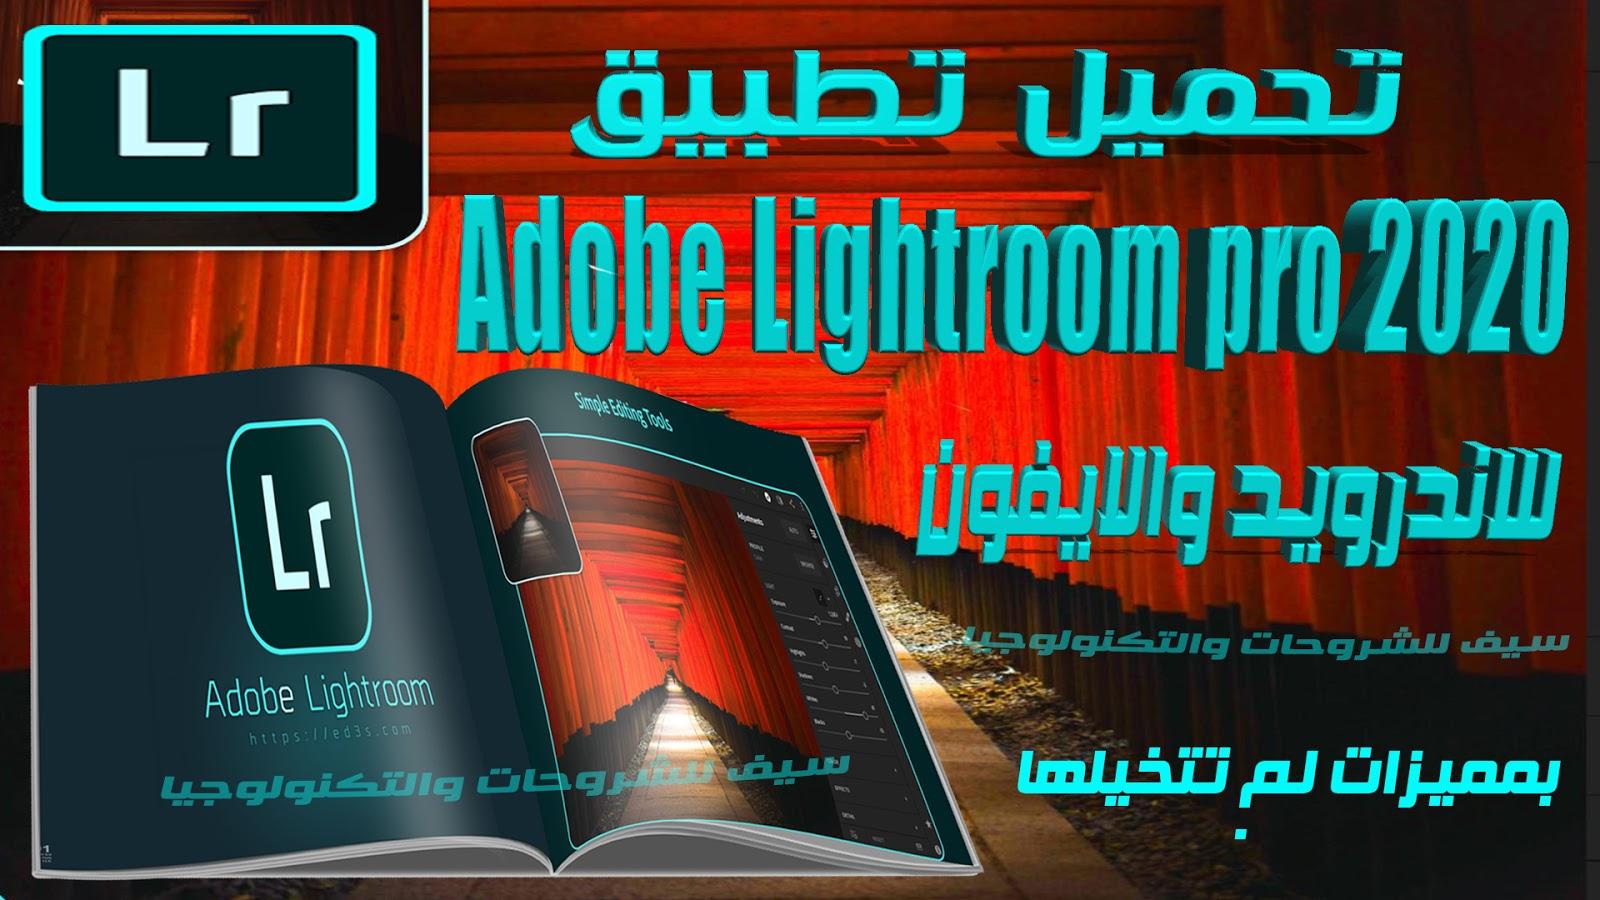 تحميل تطبيق Adobe Lightroom pro 2020 للاندرويد والايفون بمميزات ليس لها مثيل